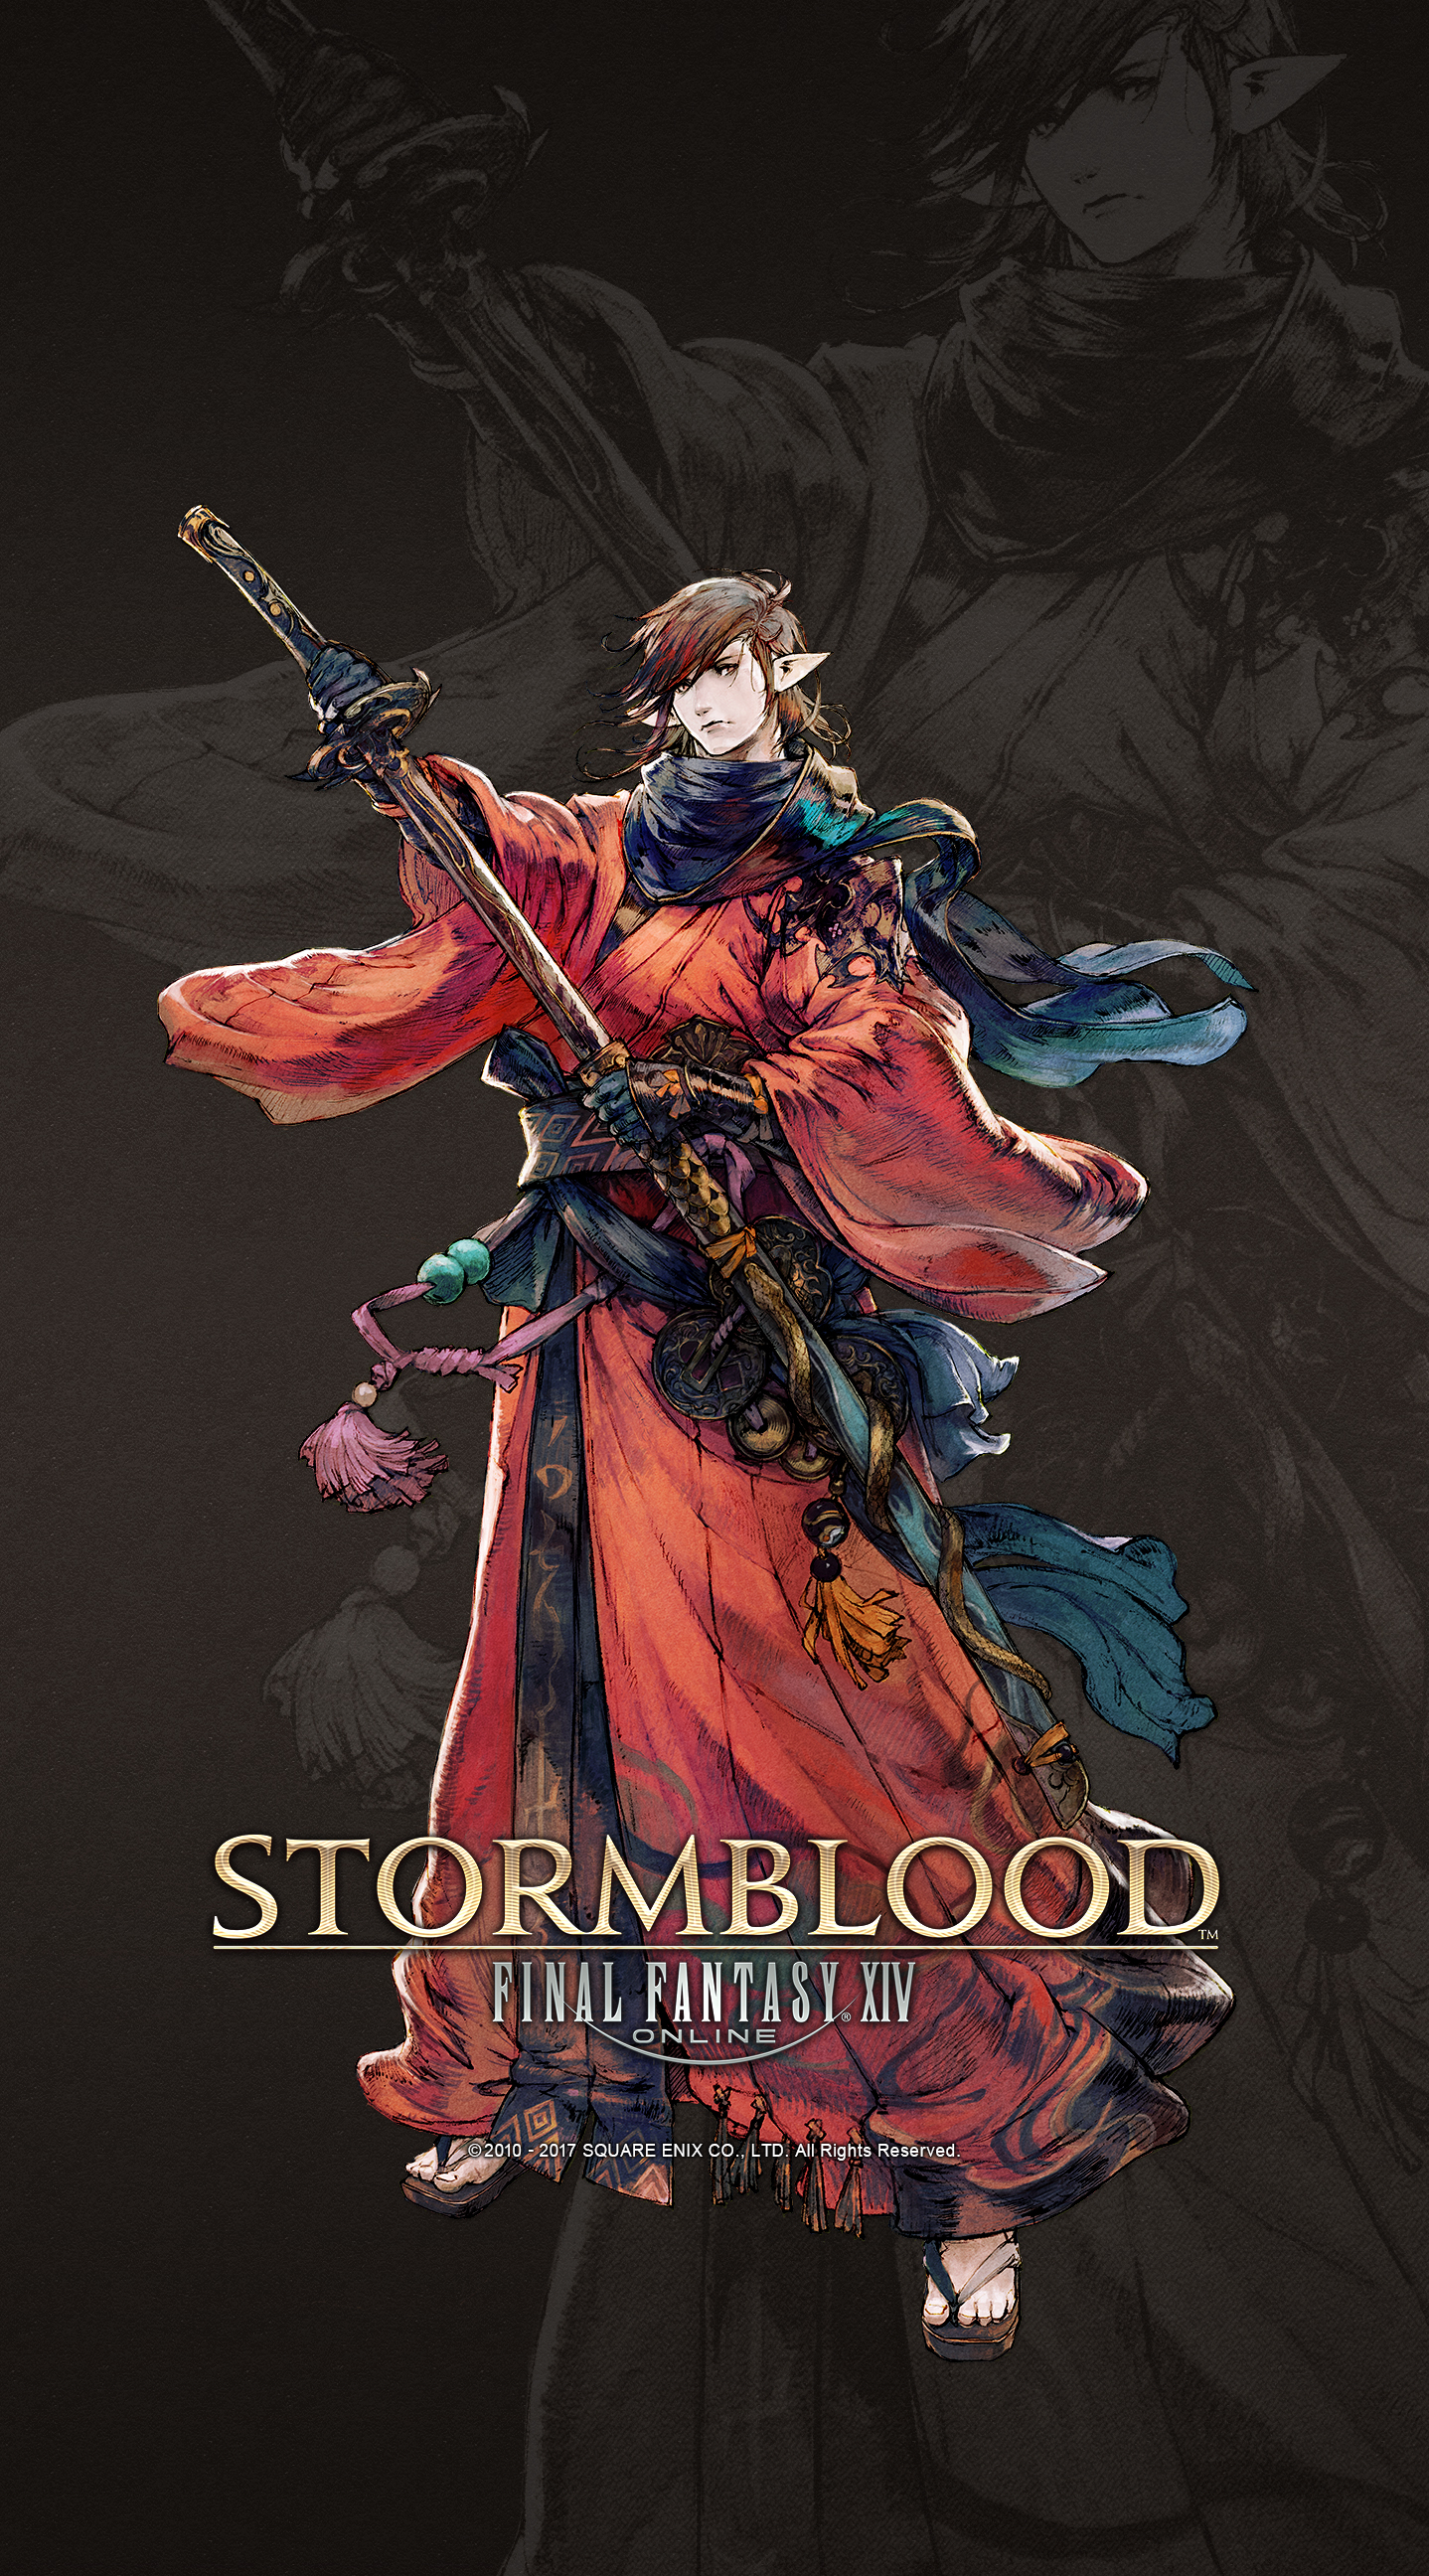 Final Fantasy Xiv Fan Kit Released Final Fantasy Xiv The